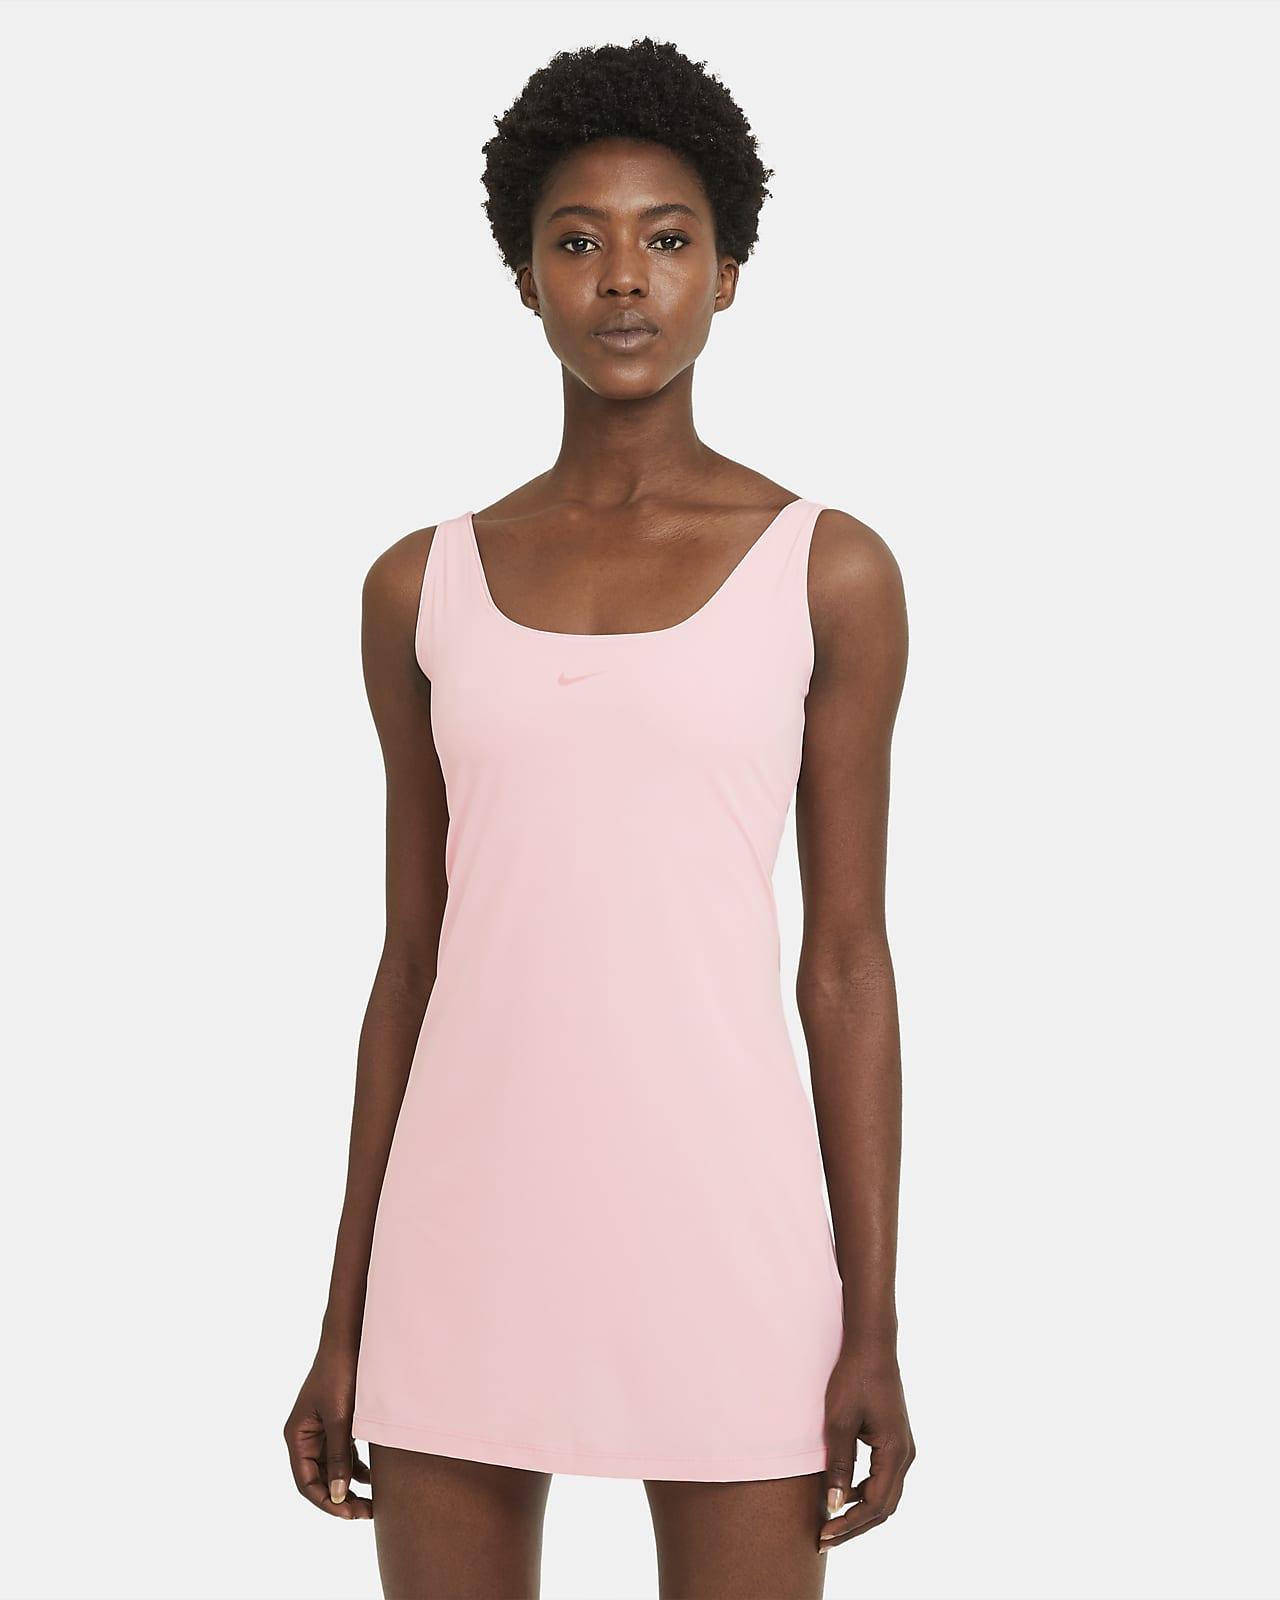 Nike Bliss Luxe Women's Training Dress